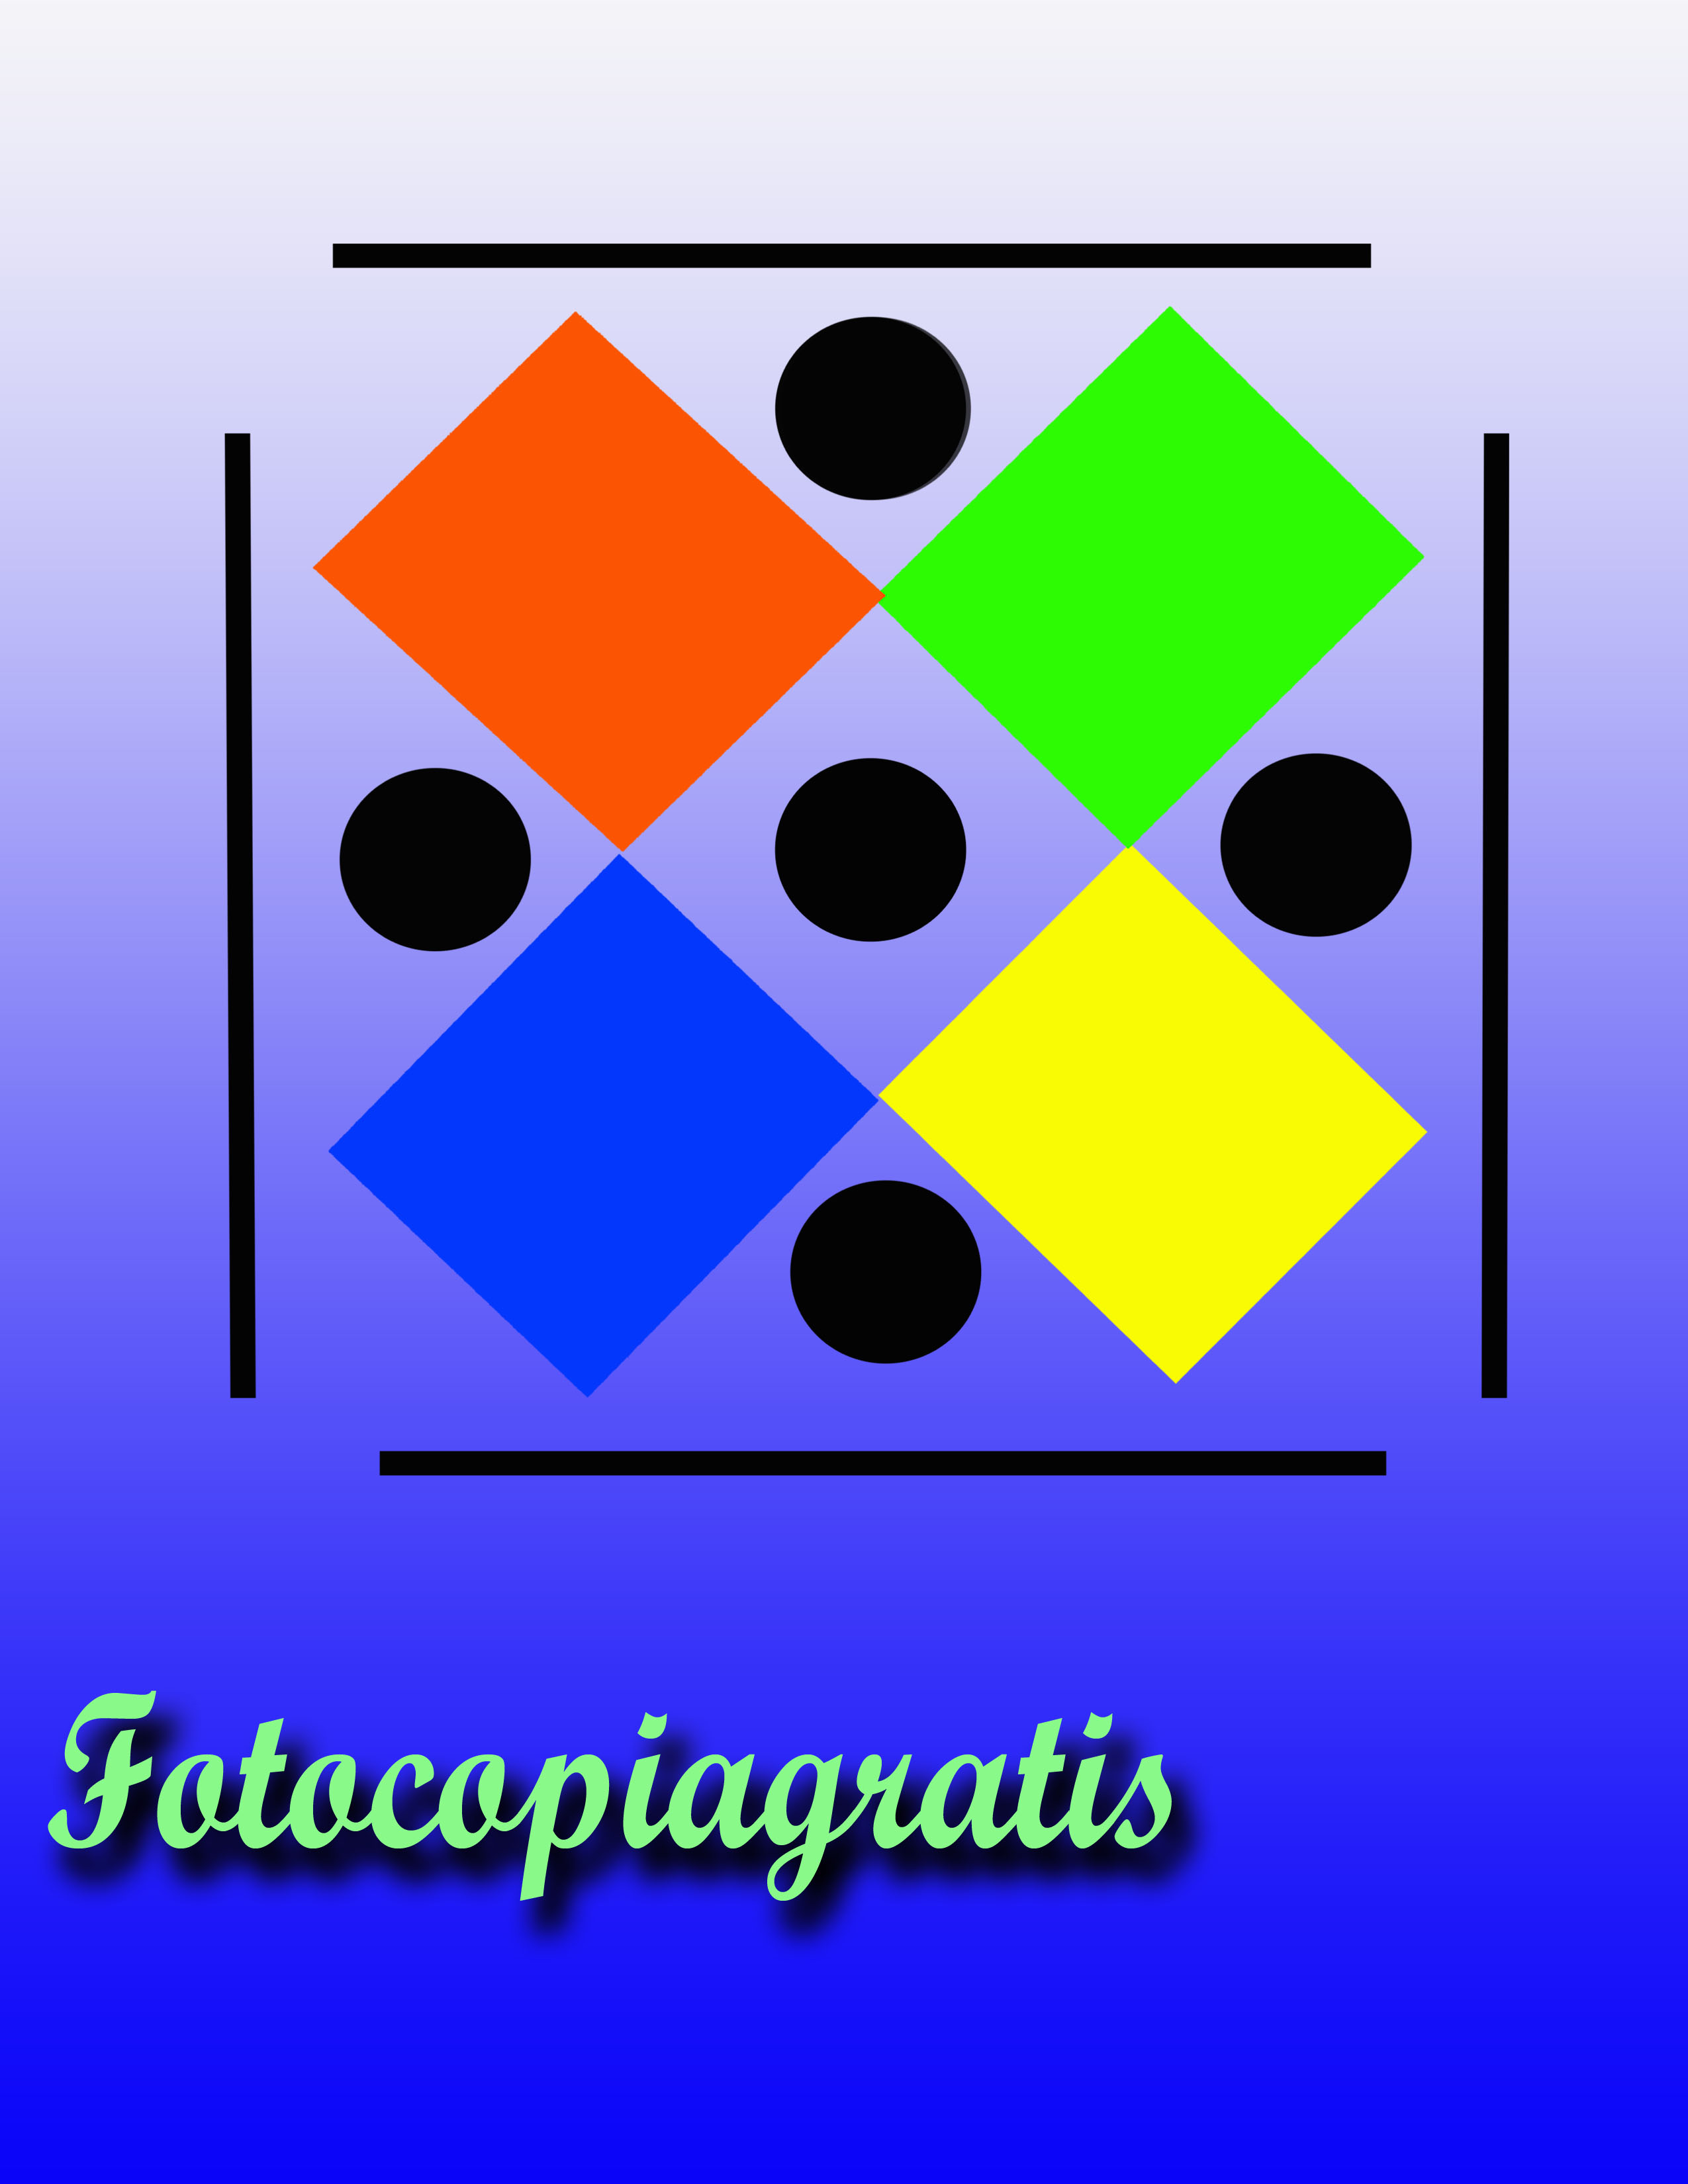 Logo Design by Mary Ann Esclamado - Entry No. 119 in the Logo Design Contest Inspiring Logo Design for Fotocopiagratis.